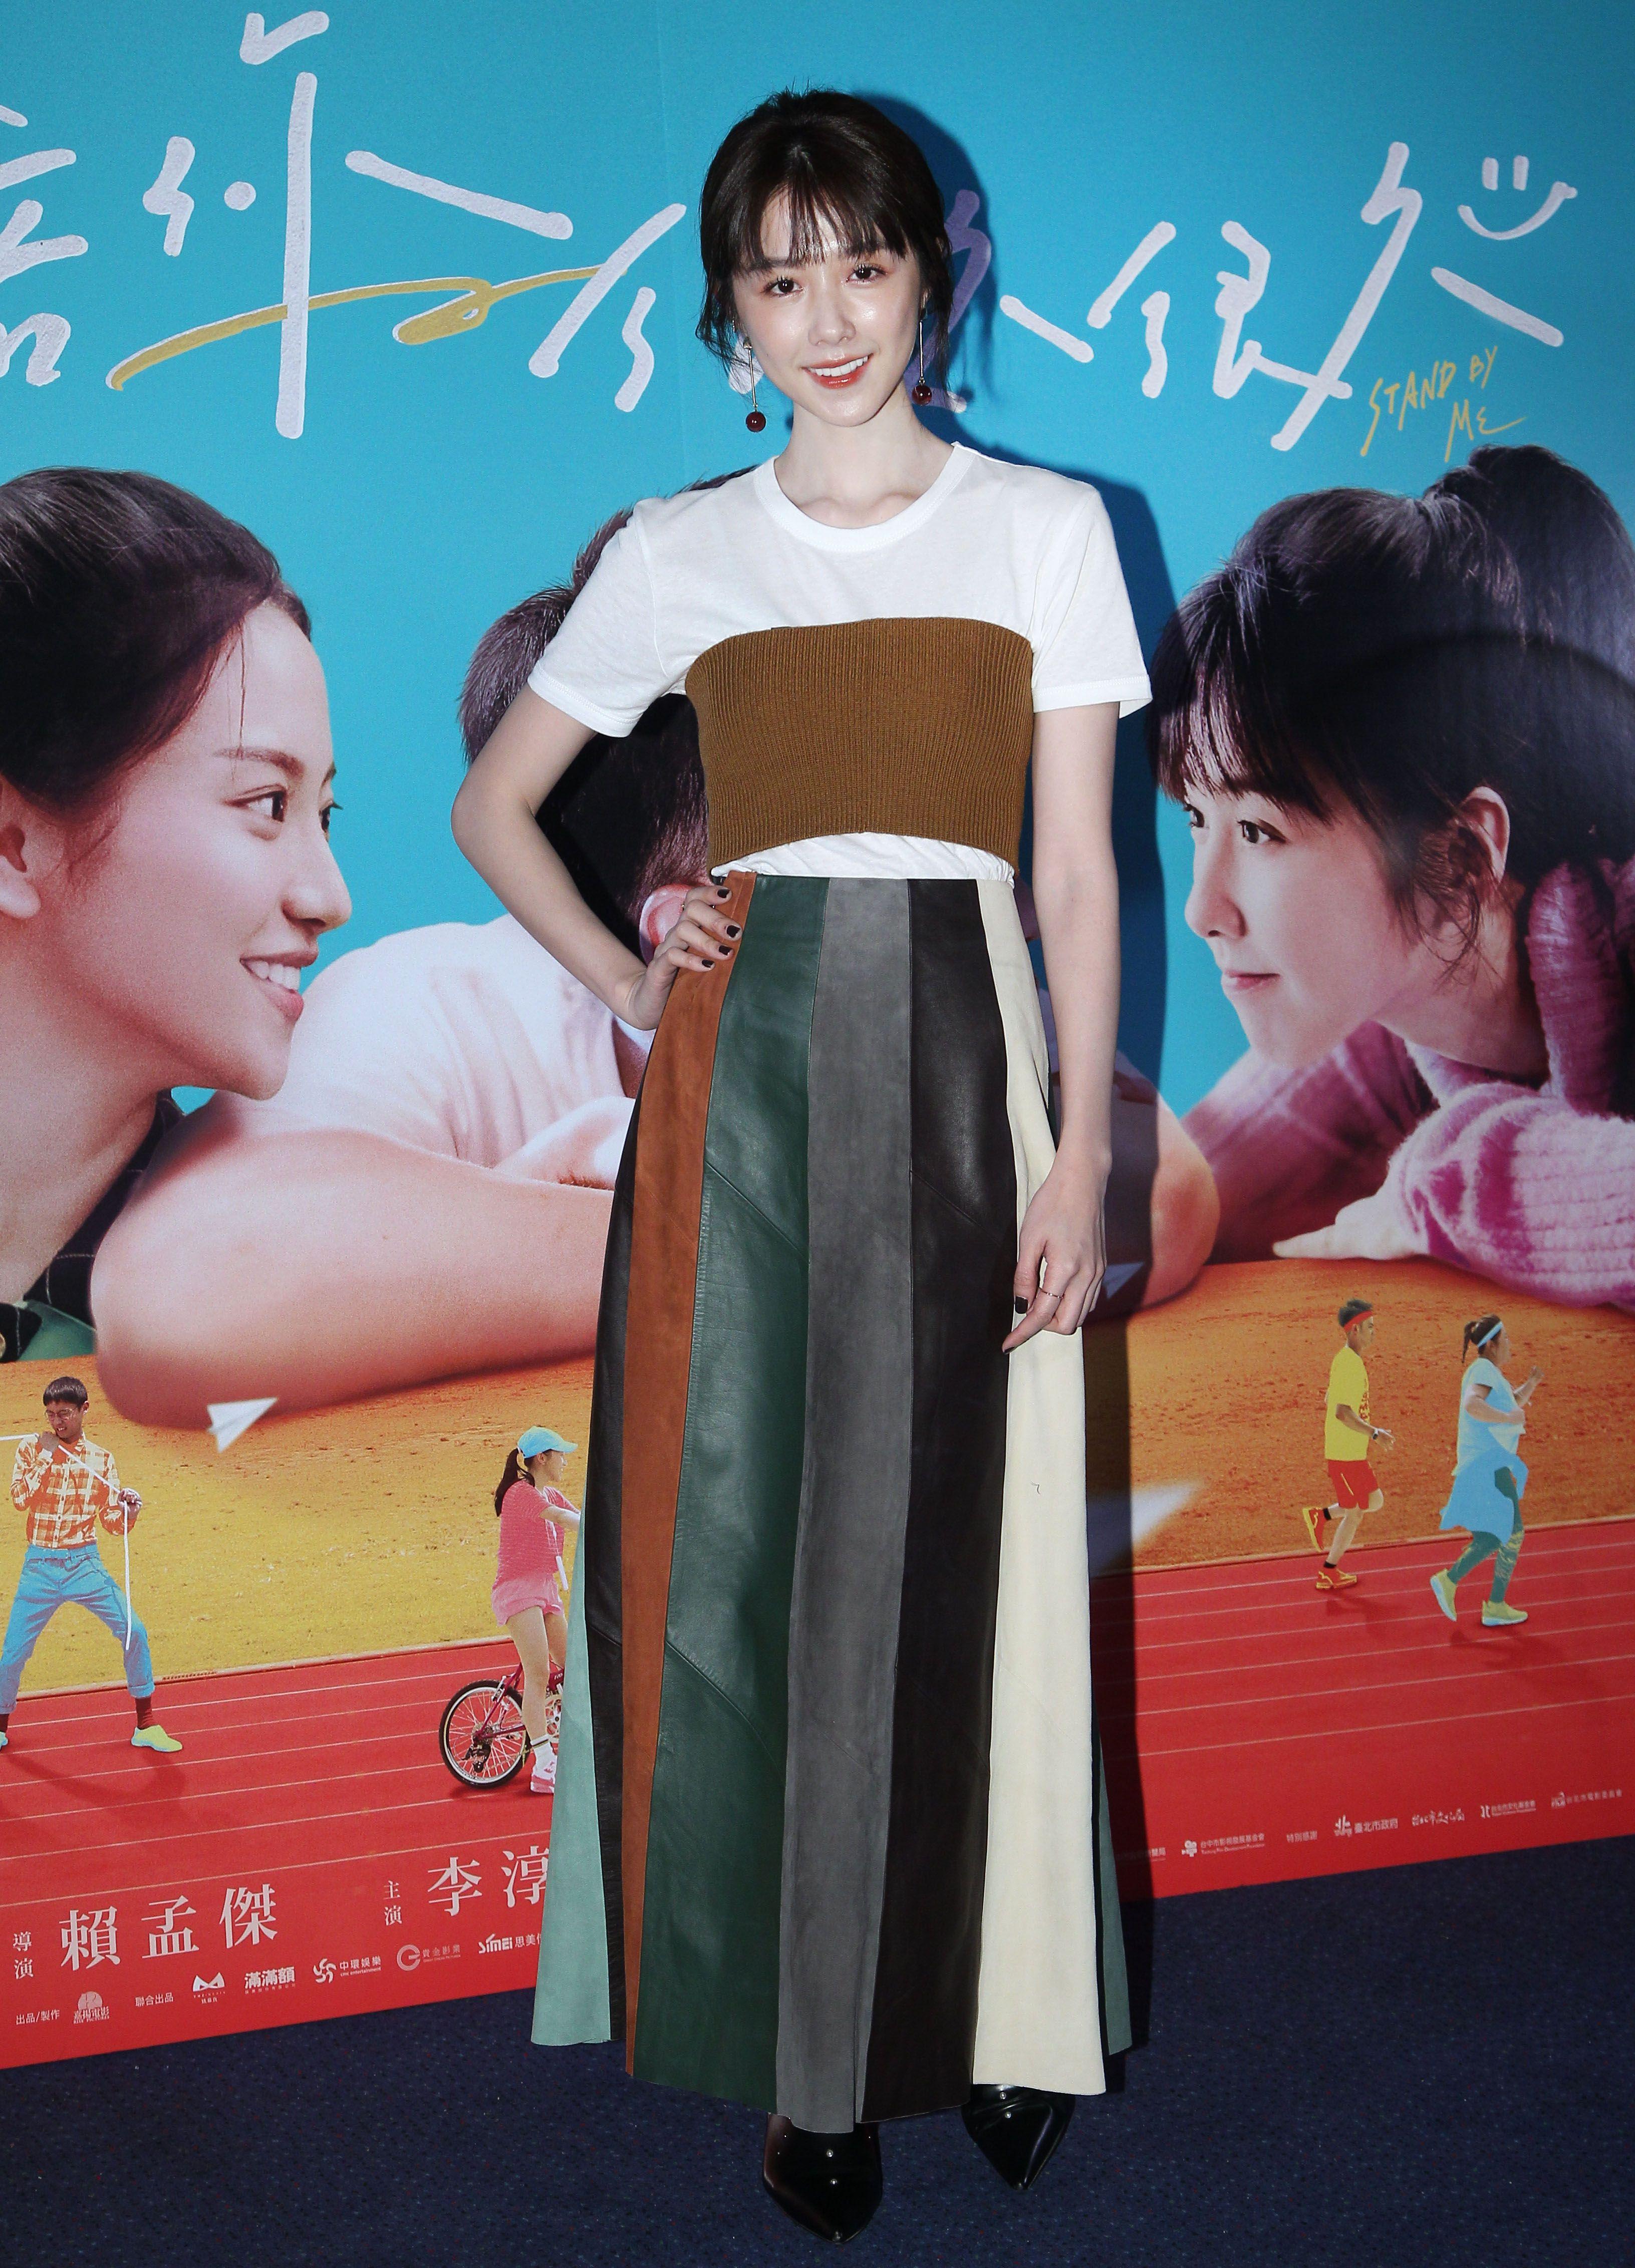 電影「陪你很久很久」演員邵雨薇。(記者邱榮吉/攝影)